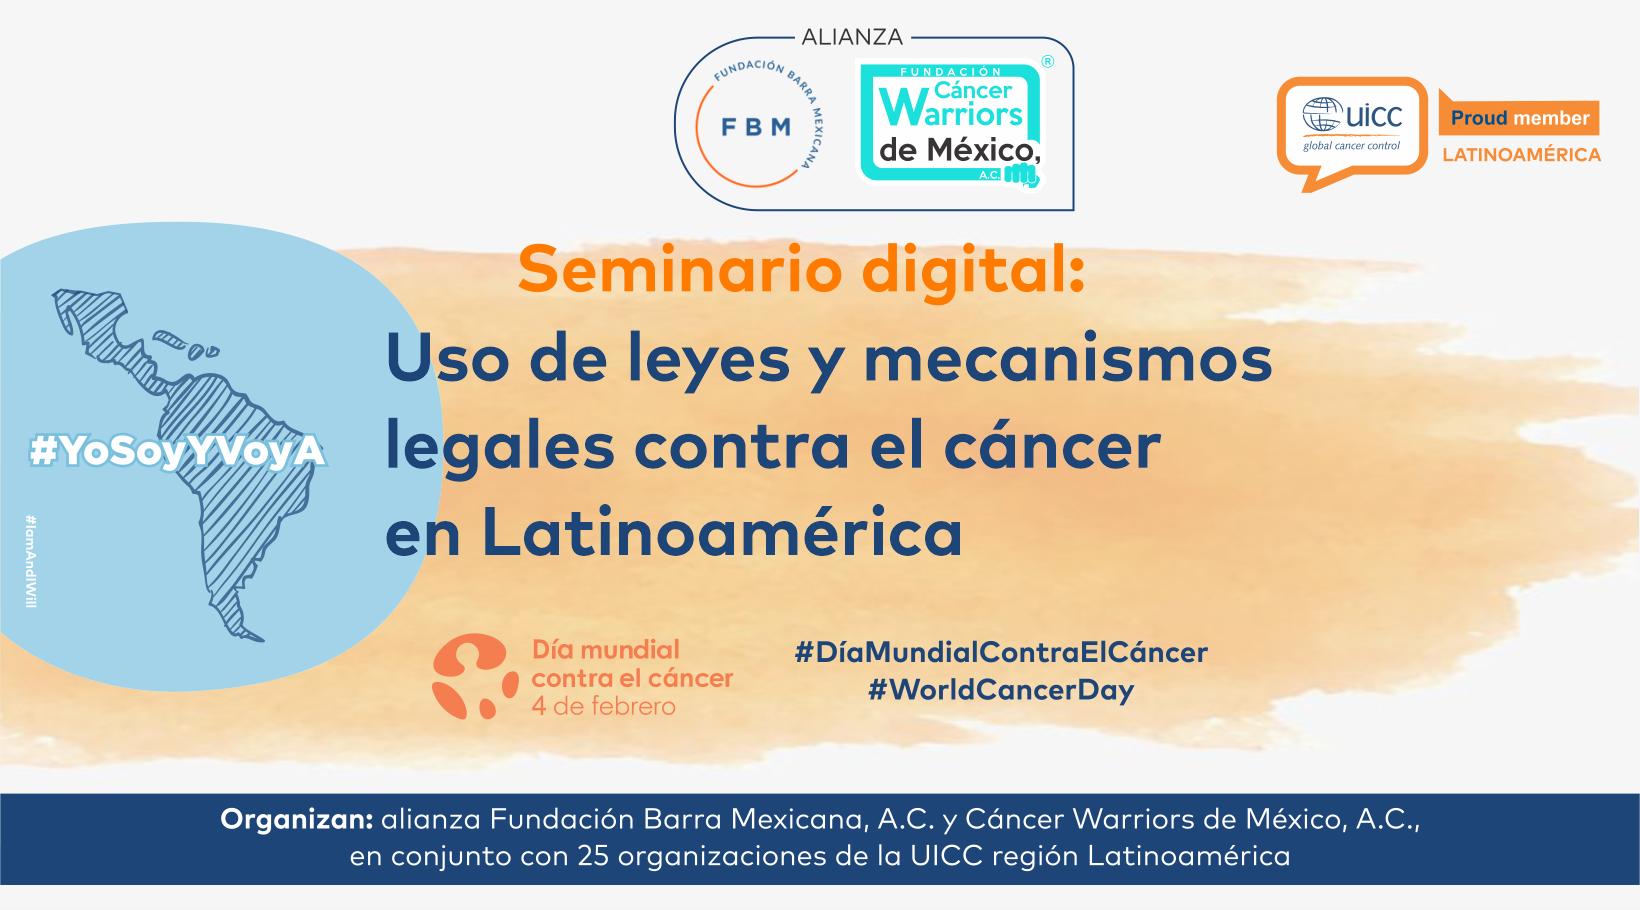 Resumen ejecutivo Seminario Digital Uso de leyes y mecanismos legales contra el cáncer  en Latinoamérica